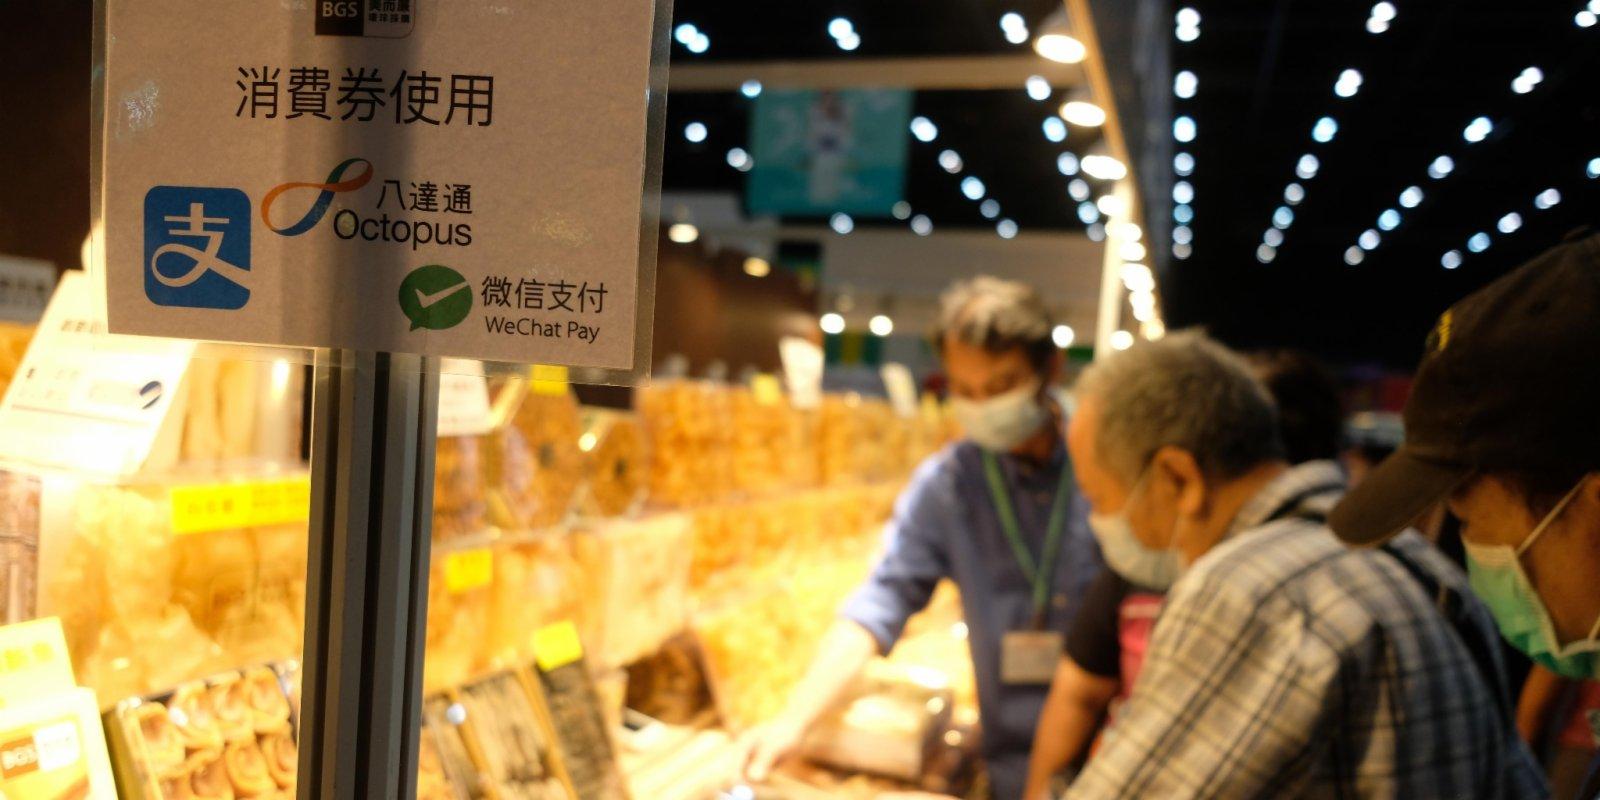 (多圖)工展會購物節今開幕 市民可用消費券